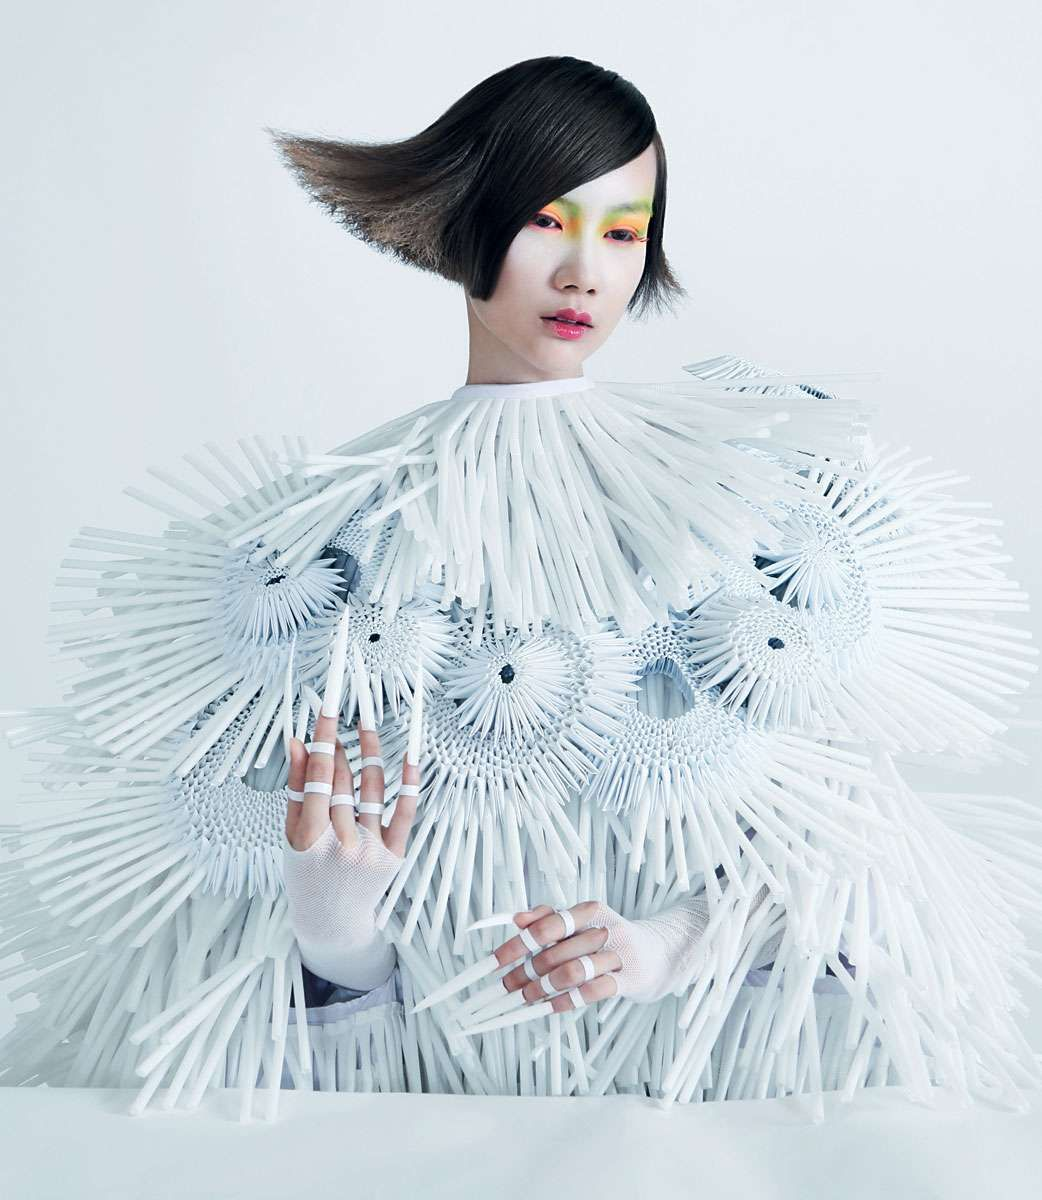 Причёски и фото команда стилистов Debut Hair Shanghai, Китай. Одежда Victor Goh.